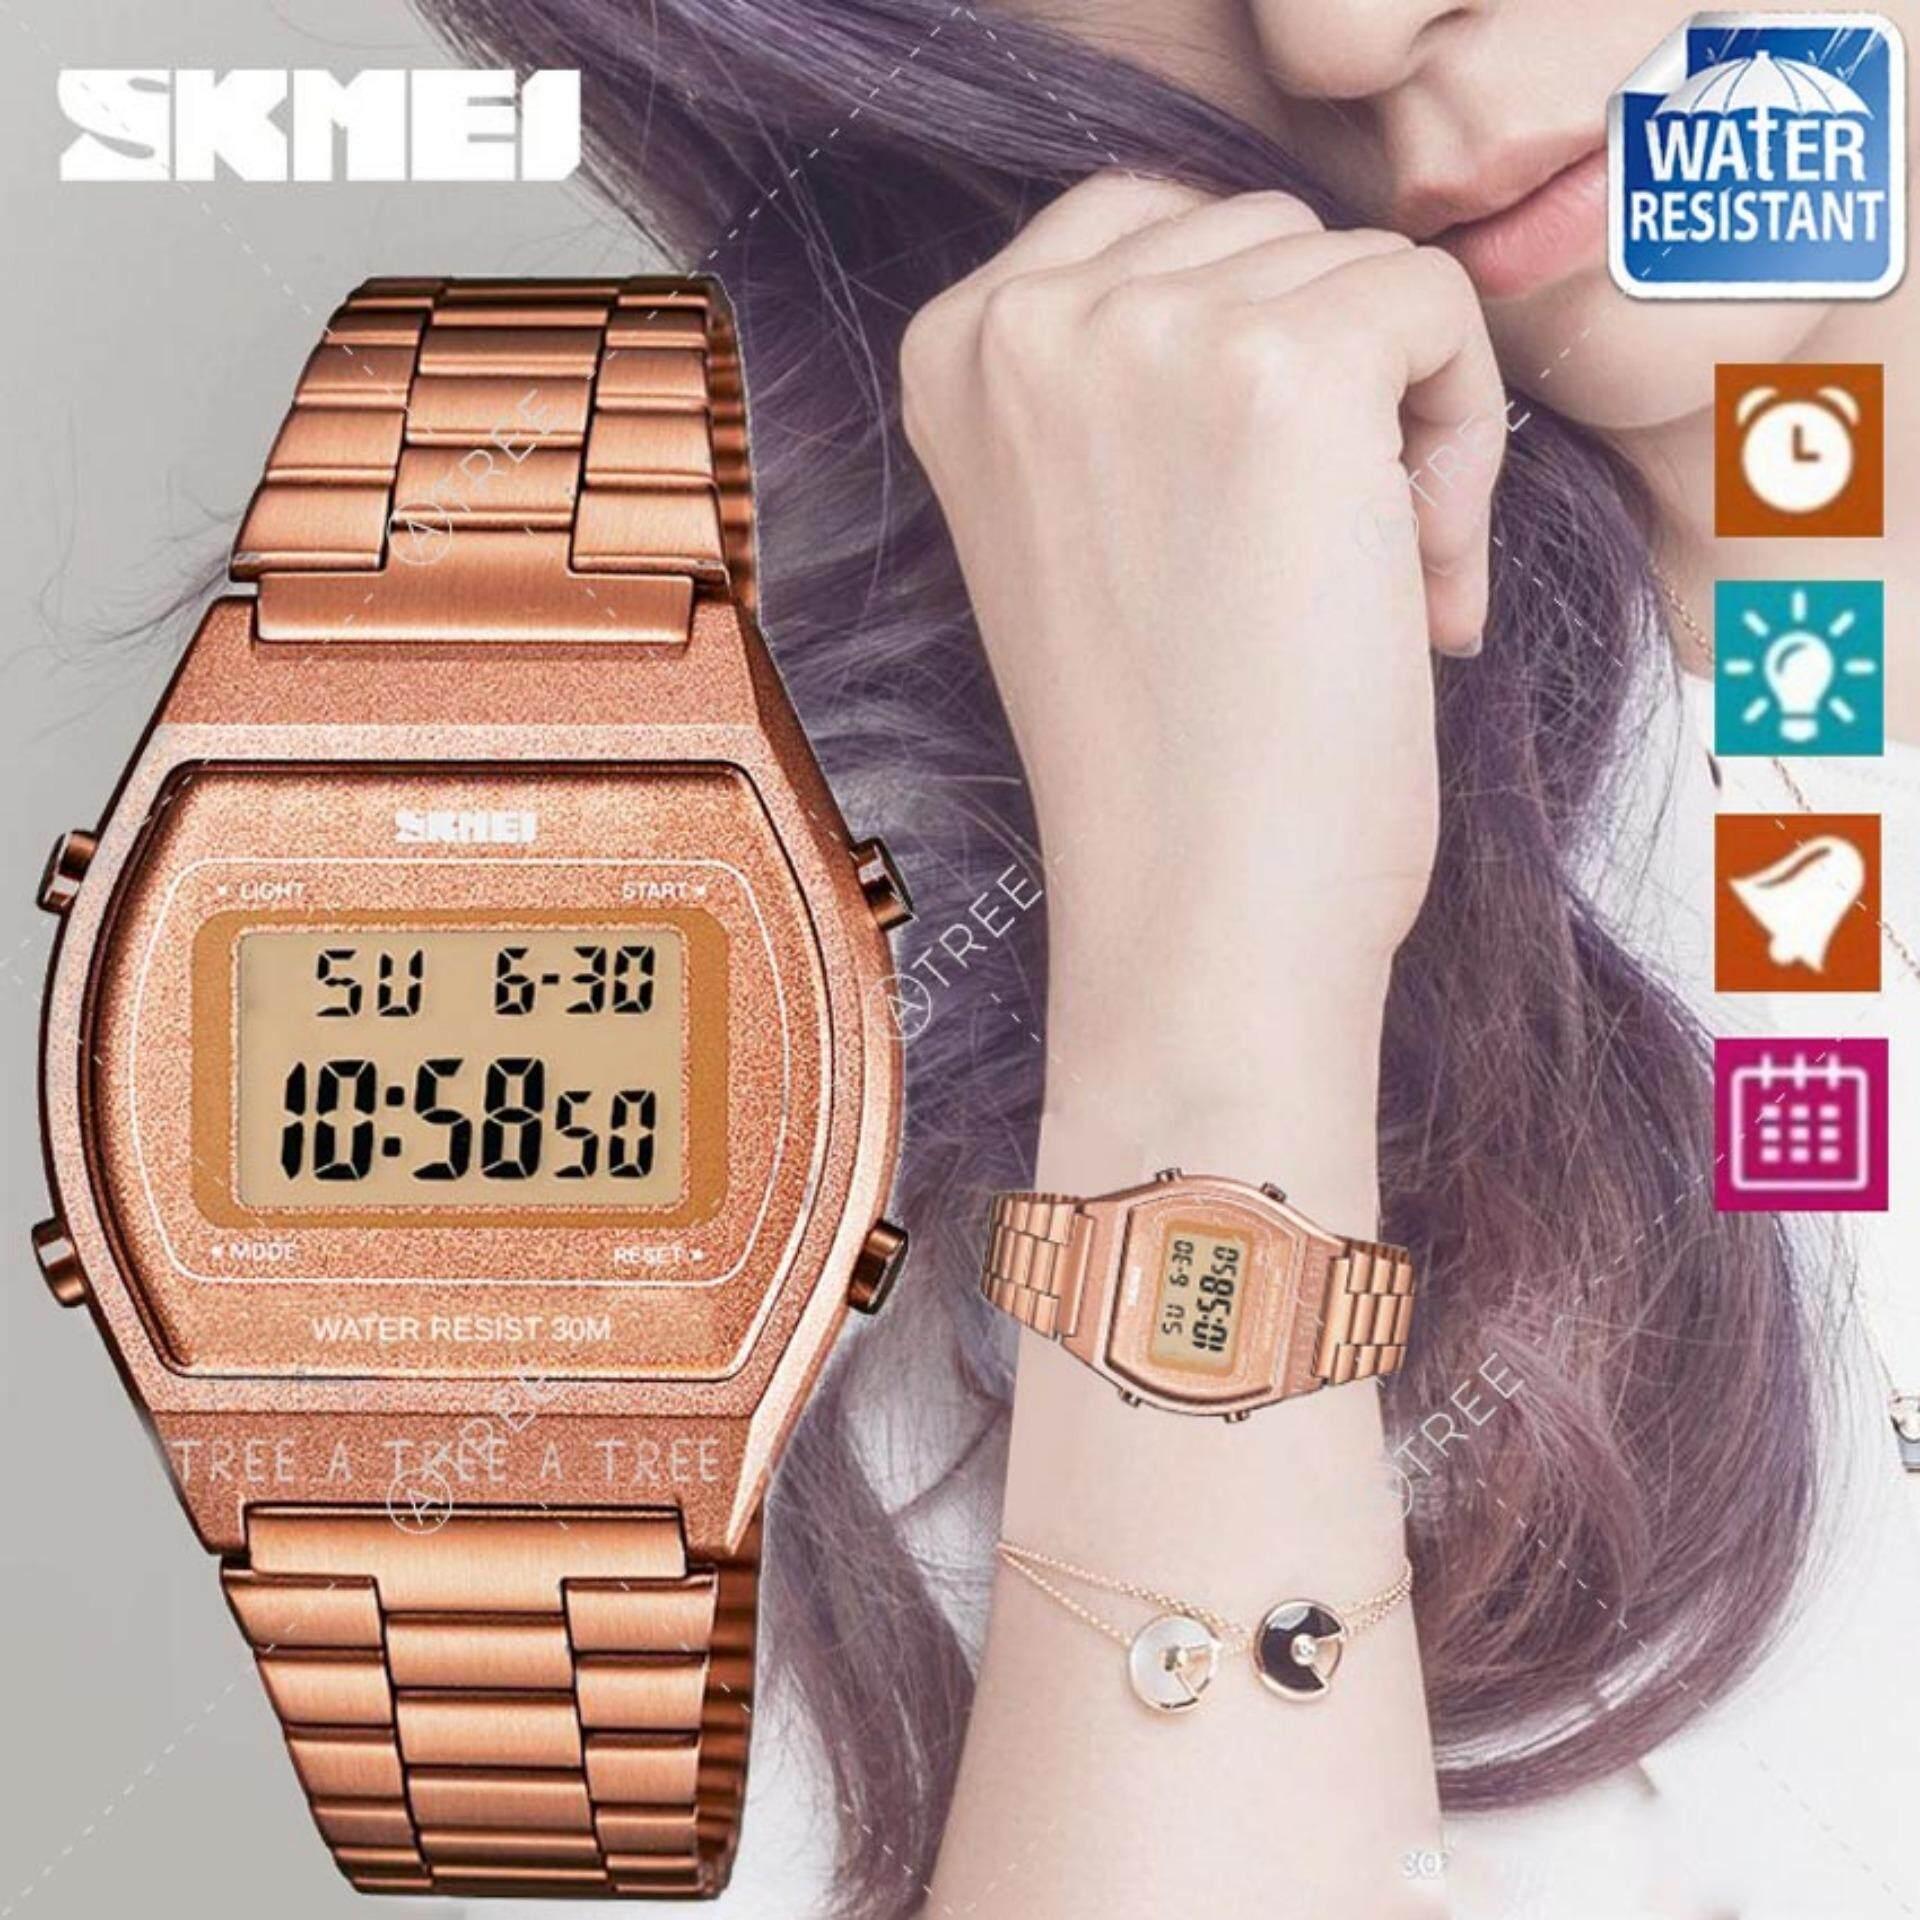 Skmei ของแท้ 100% ส่งในไทยไวแน่นอน นาฬิกาข้อมือผู้หญิง สไตล์ Casual Bussiness Watch จับเวลา ตั้งปลุกได้ ไฟ Led ส่องสว่าง สายแสตนเลส รุ่น Sk-M1328.